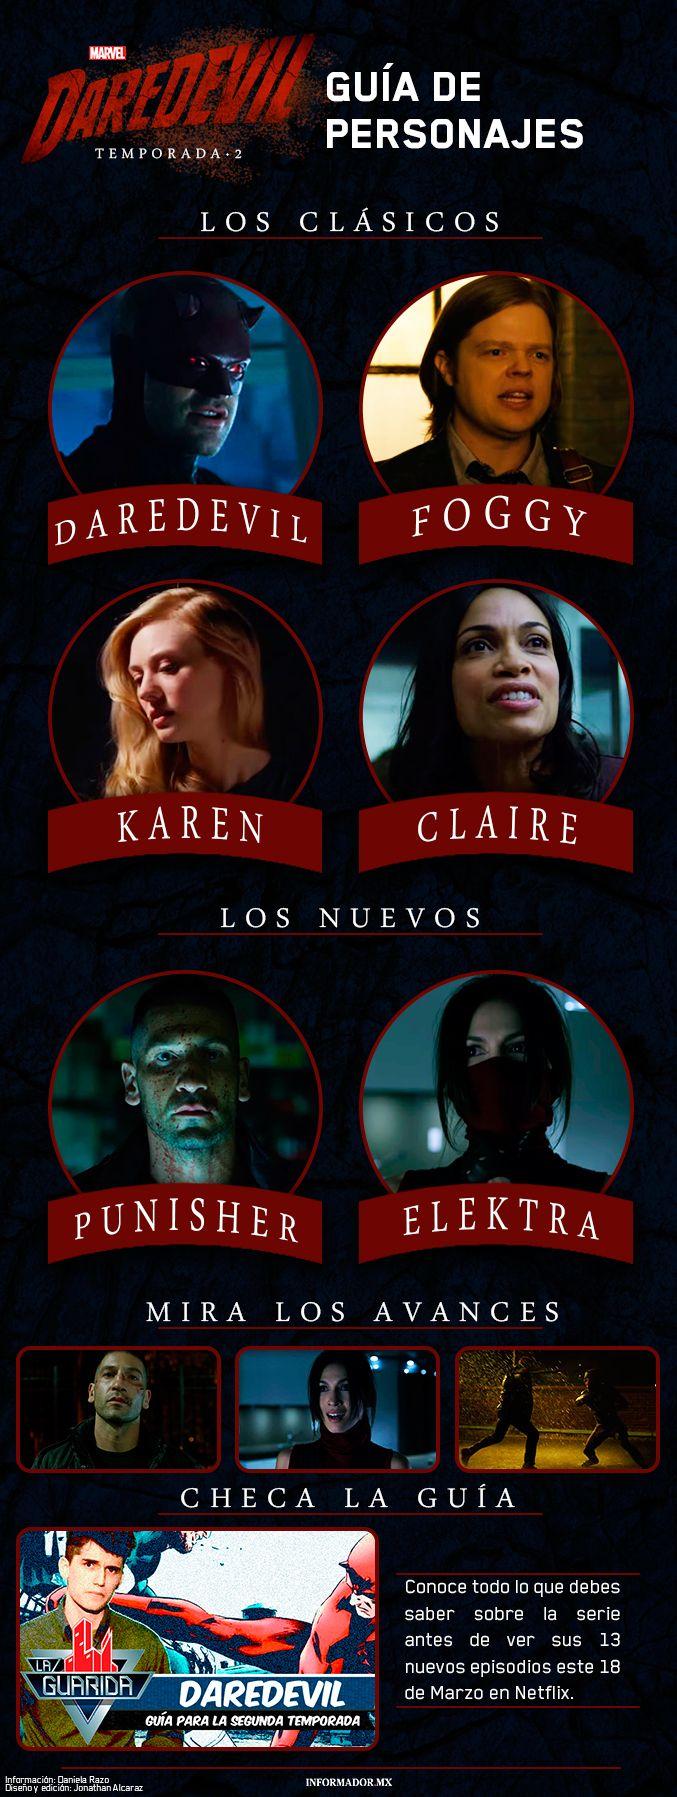 Guía de personajes de 'Daredevil', vía El Informador